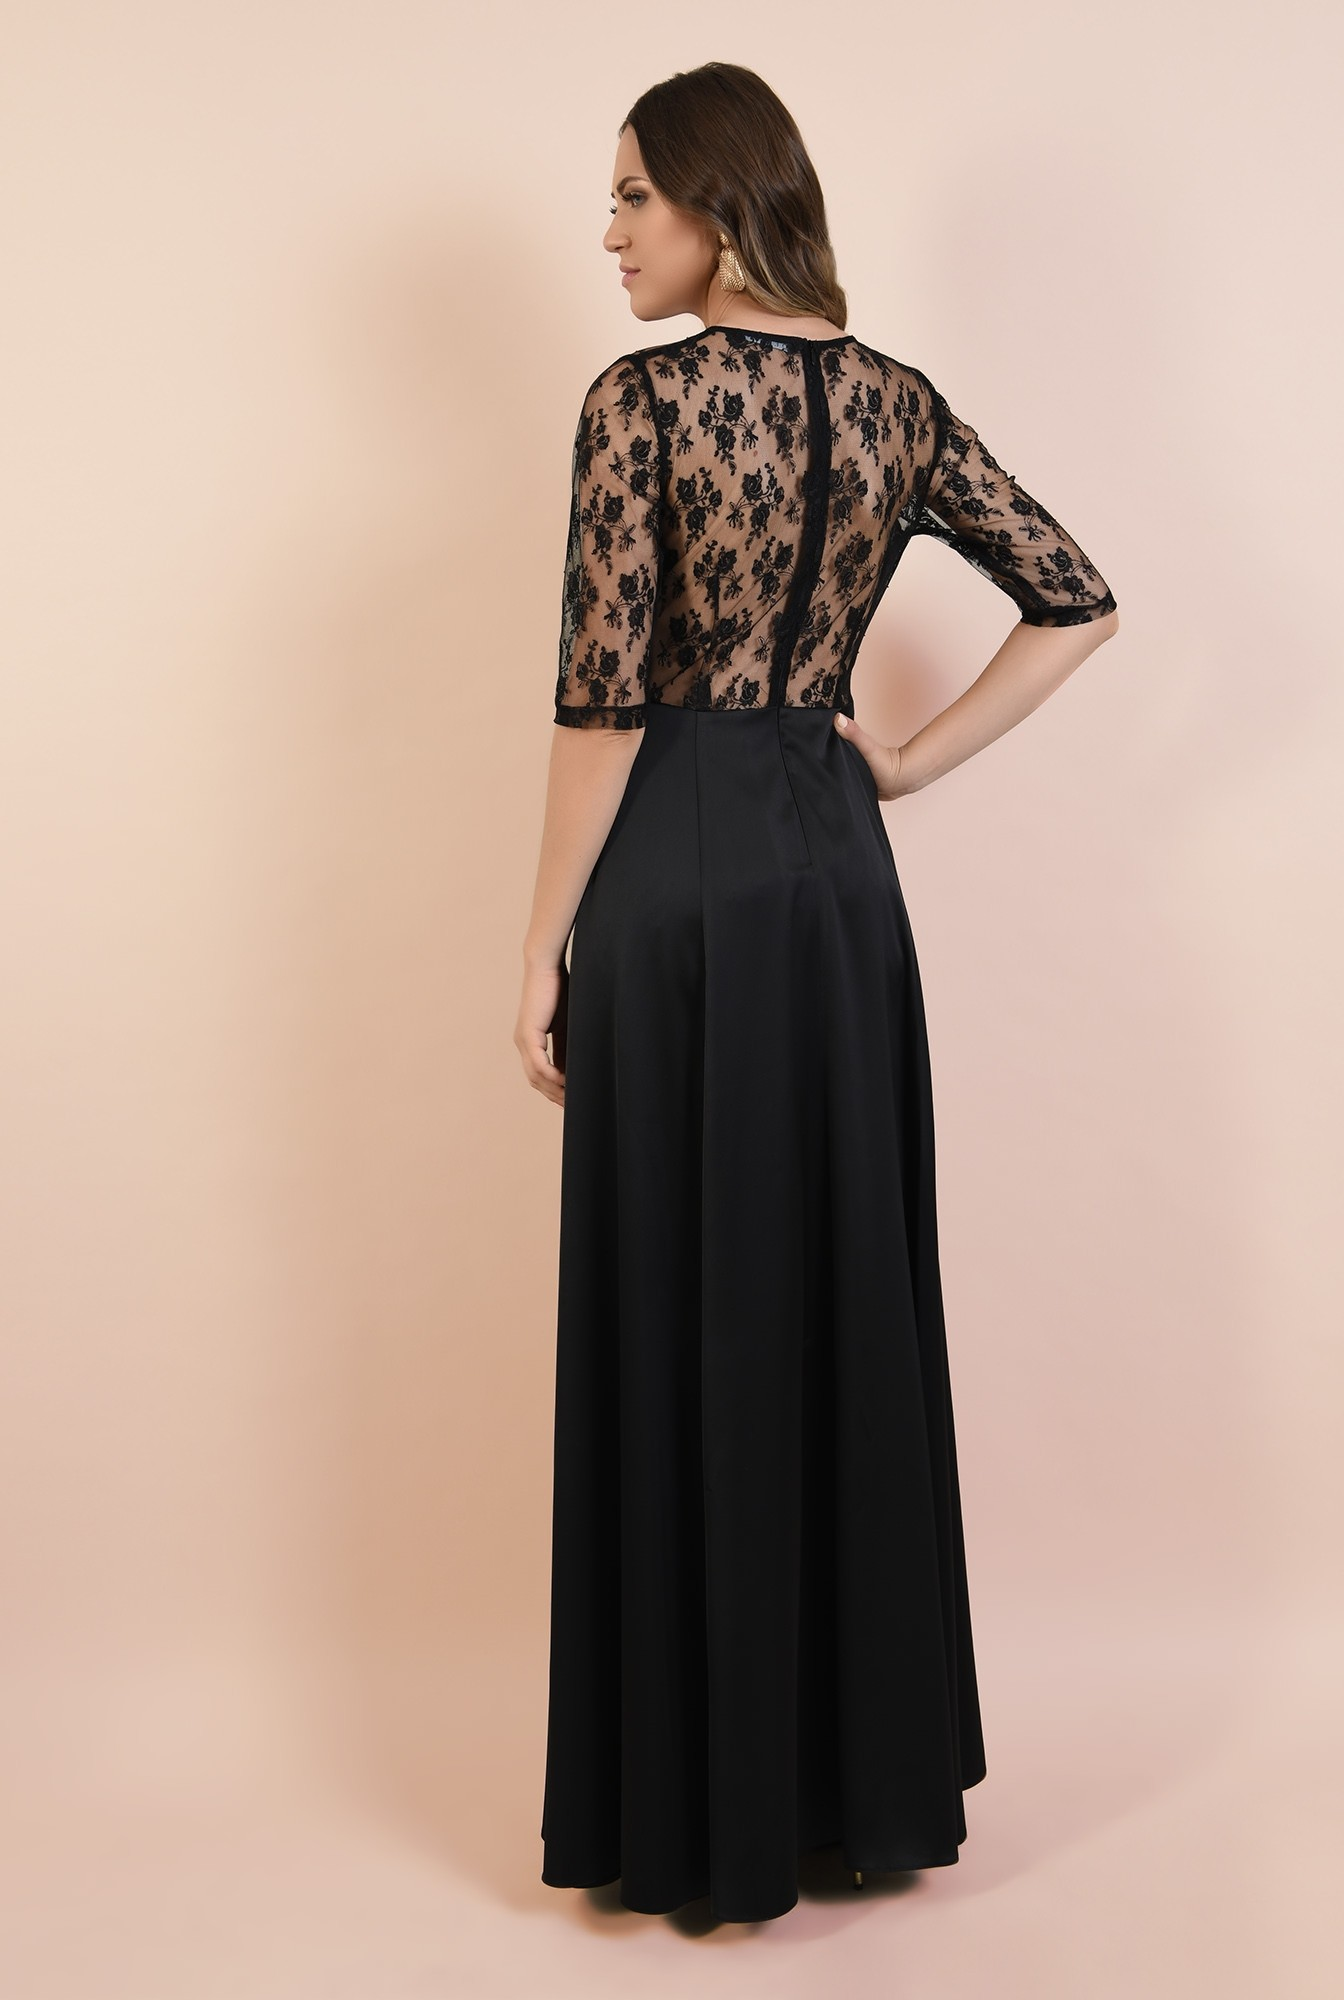 1 - rochie de seara, neagra, lunga, cu crapeu, din dantela, satin